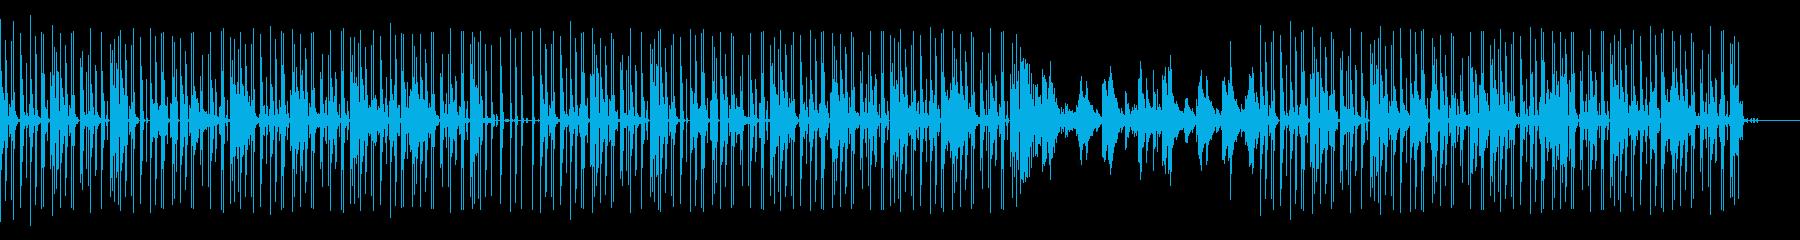 シンセとギターを使ったグリッチ風ポップの再生済みの波形